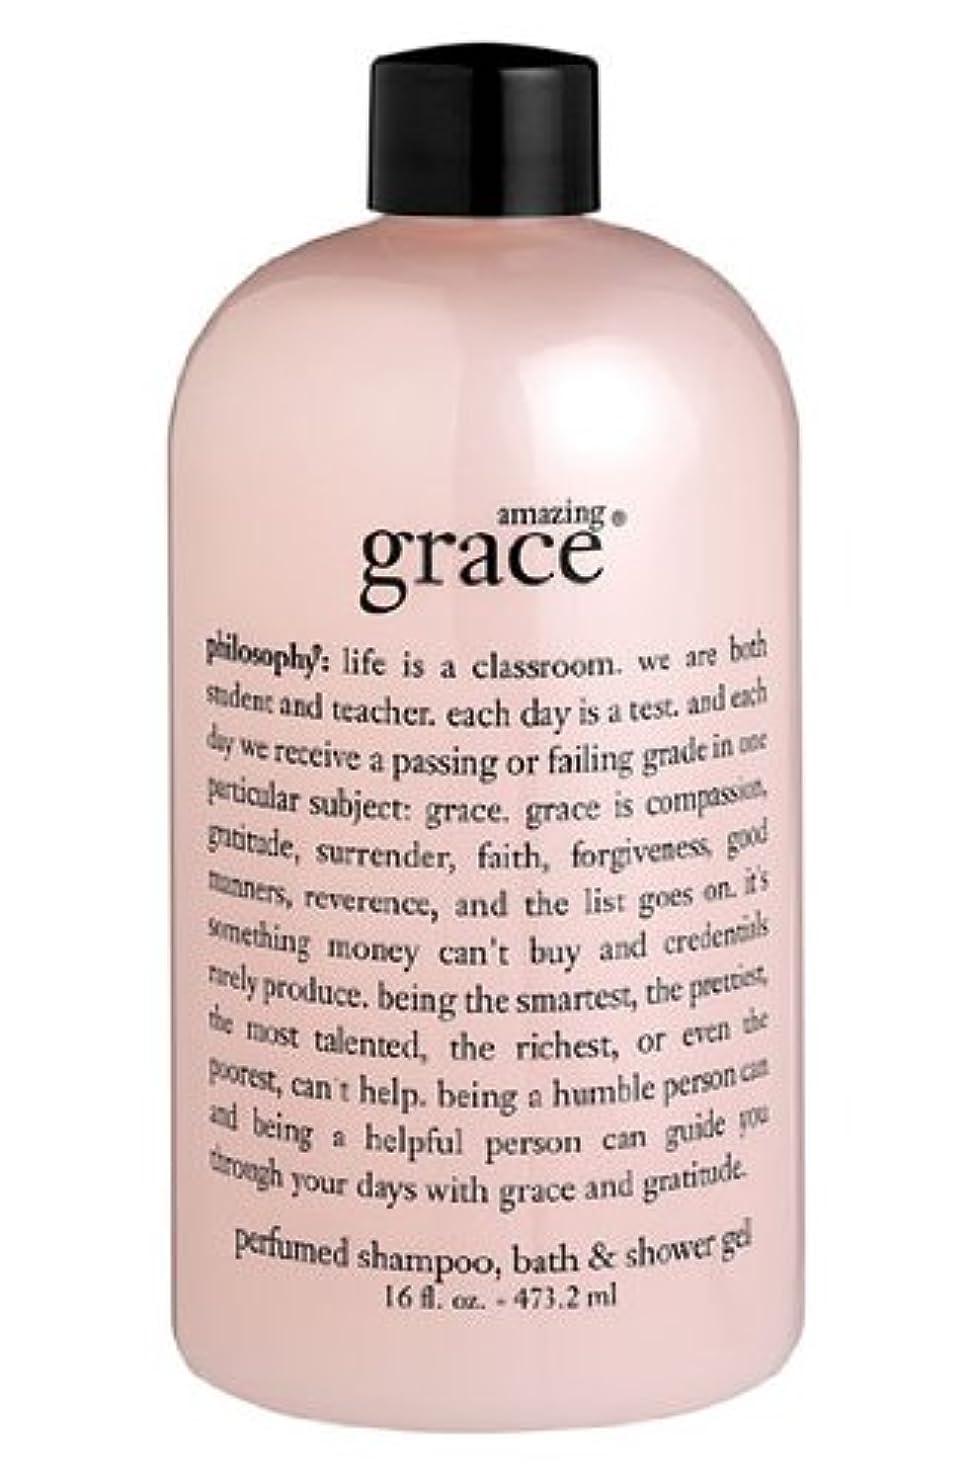 コウモリ観客ハンドブックamazing grace shampoo, bath & shower gel (アメイジング グレイス シャンプー&シャワージェル) 16.0 oz (480ml) for Women